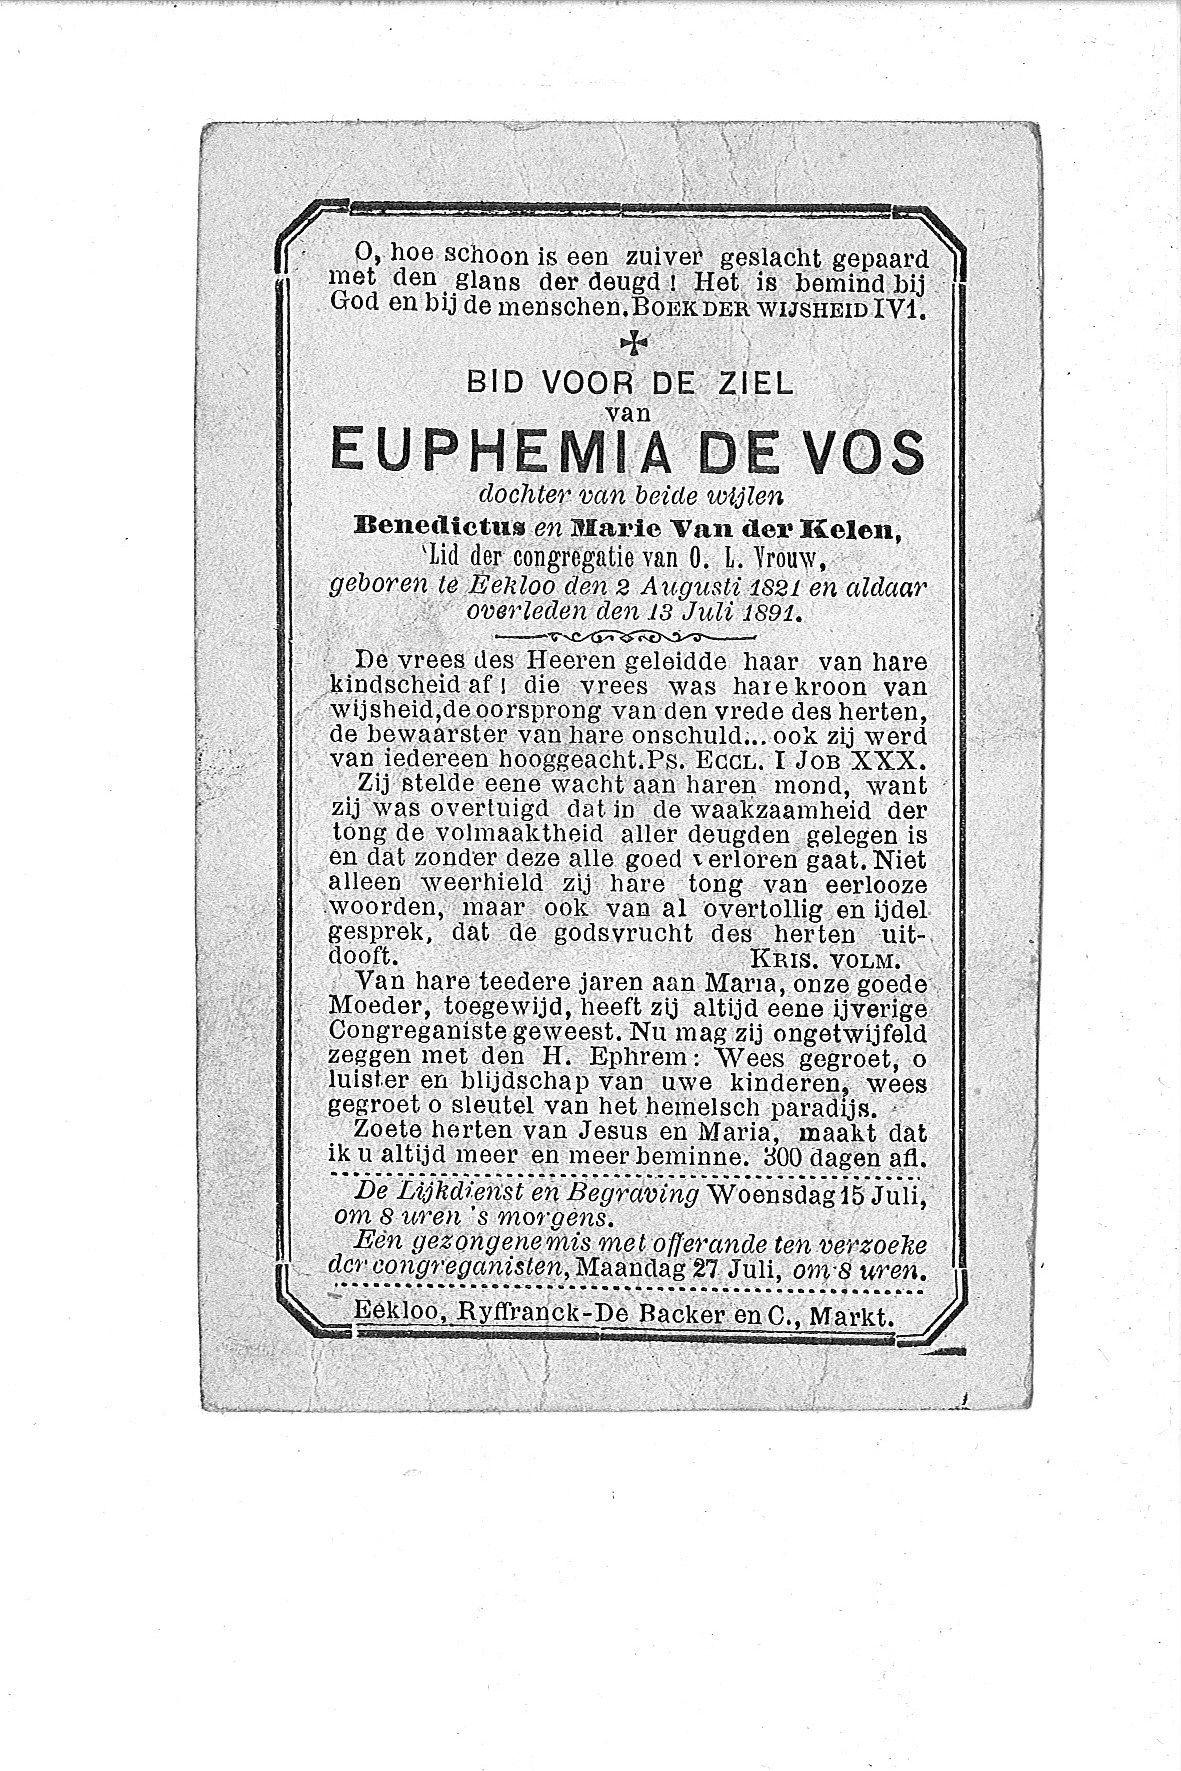 Euphemia (1891) 20091021145158_00007.jpg